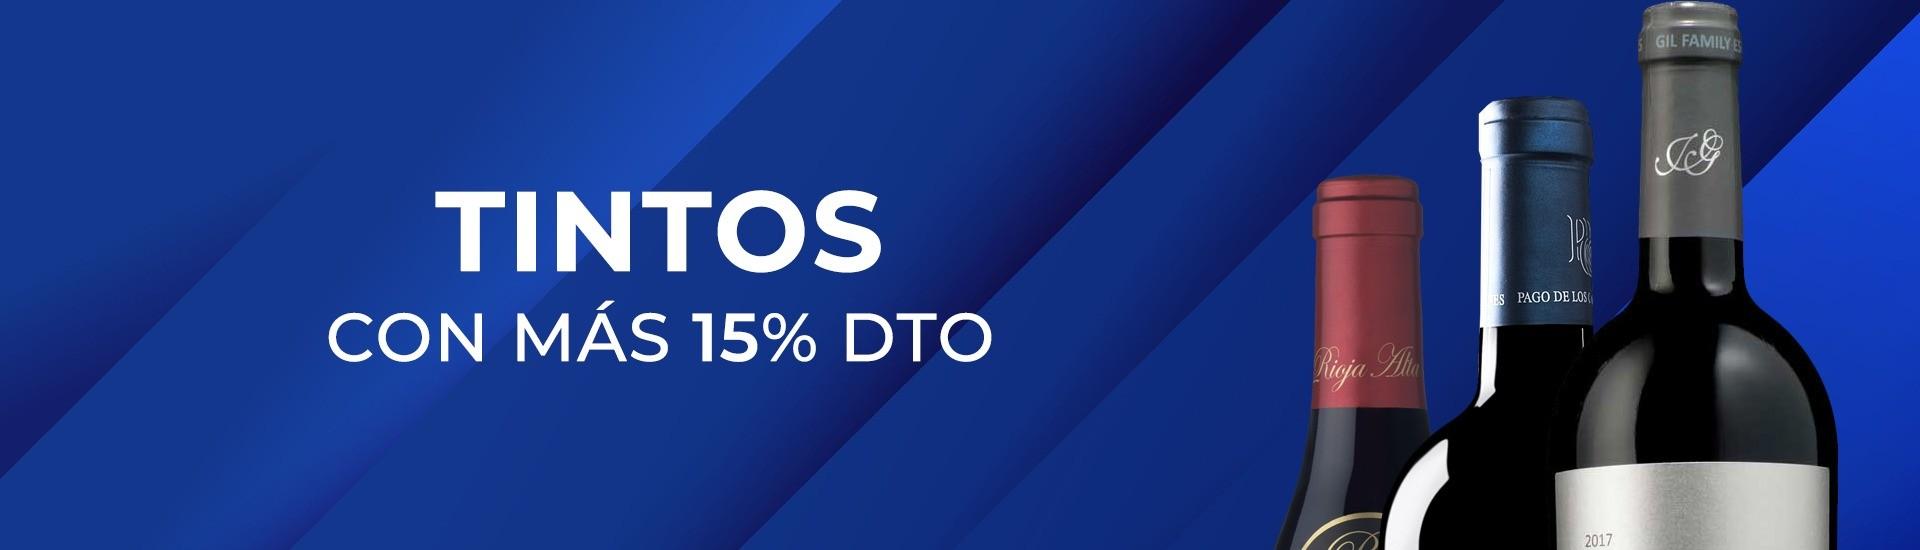 TINTOS 15%